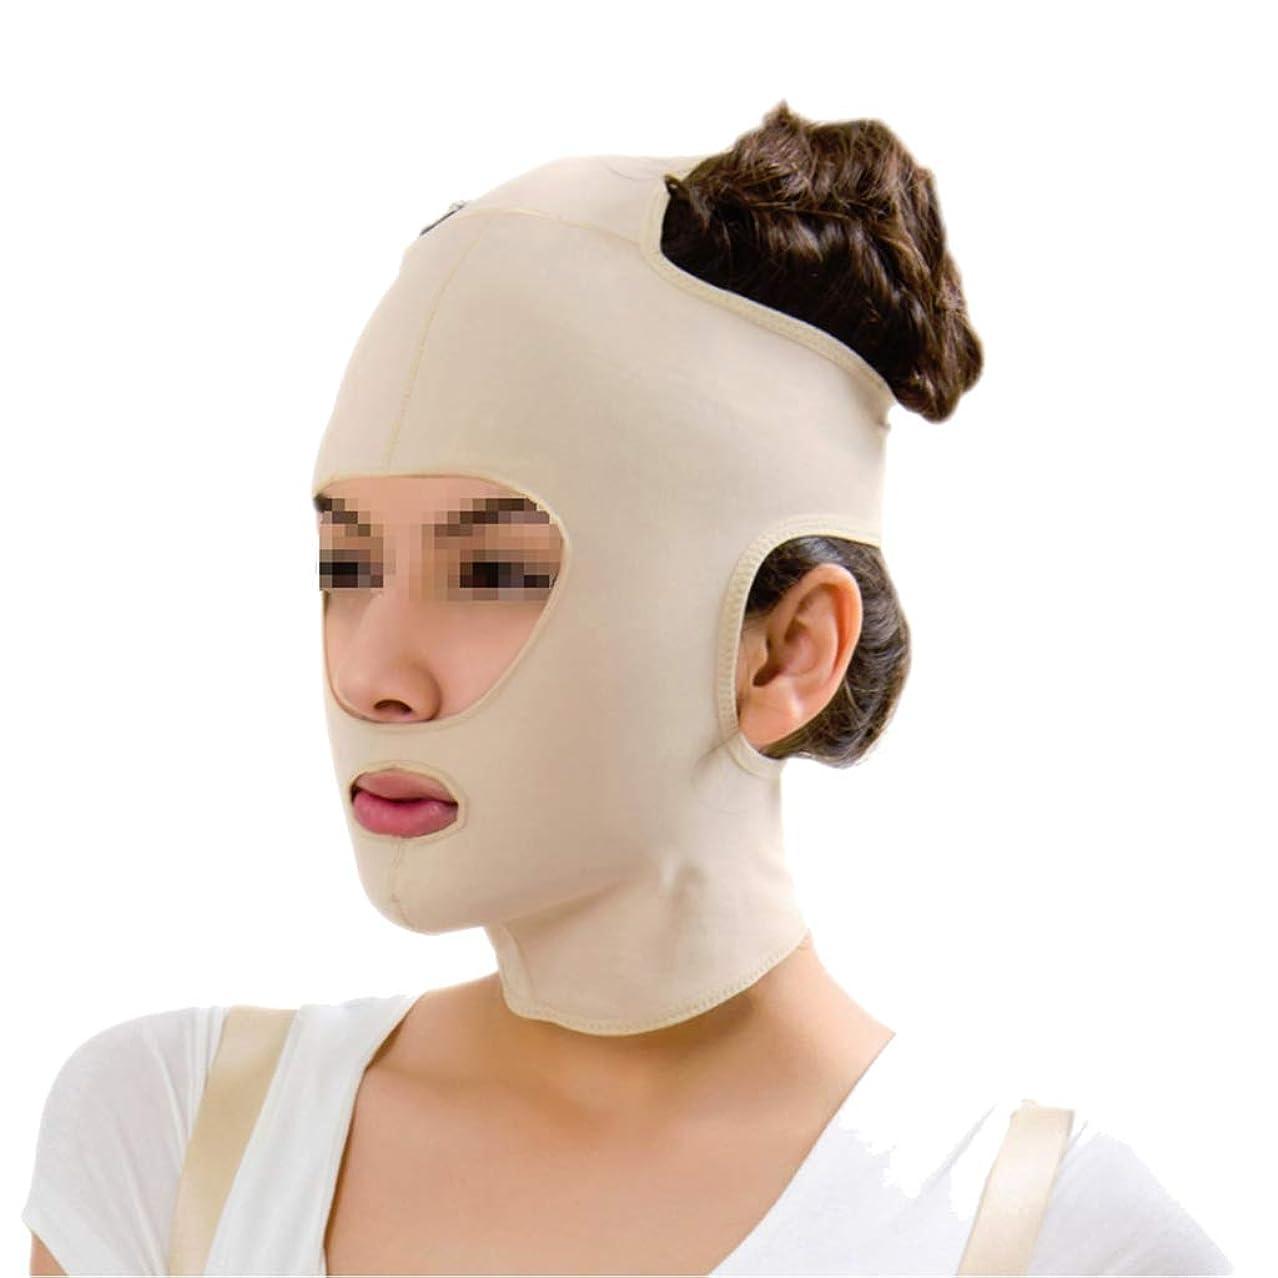 リル通知する不十分なXHLMRMJ フェイスリフトマスク、フルフェイスマスク医療グレード圧力フェイスダブルチンプラスチック脂肪吸引術弾性包帯ヘッドギア後の顔の脂肪吸引術 (Size : XXL)